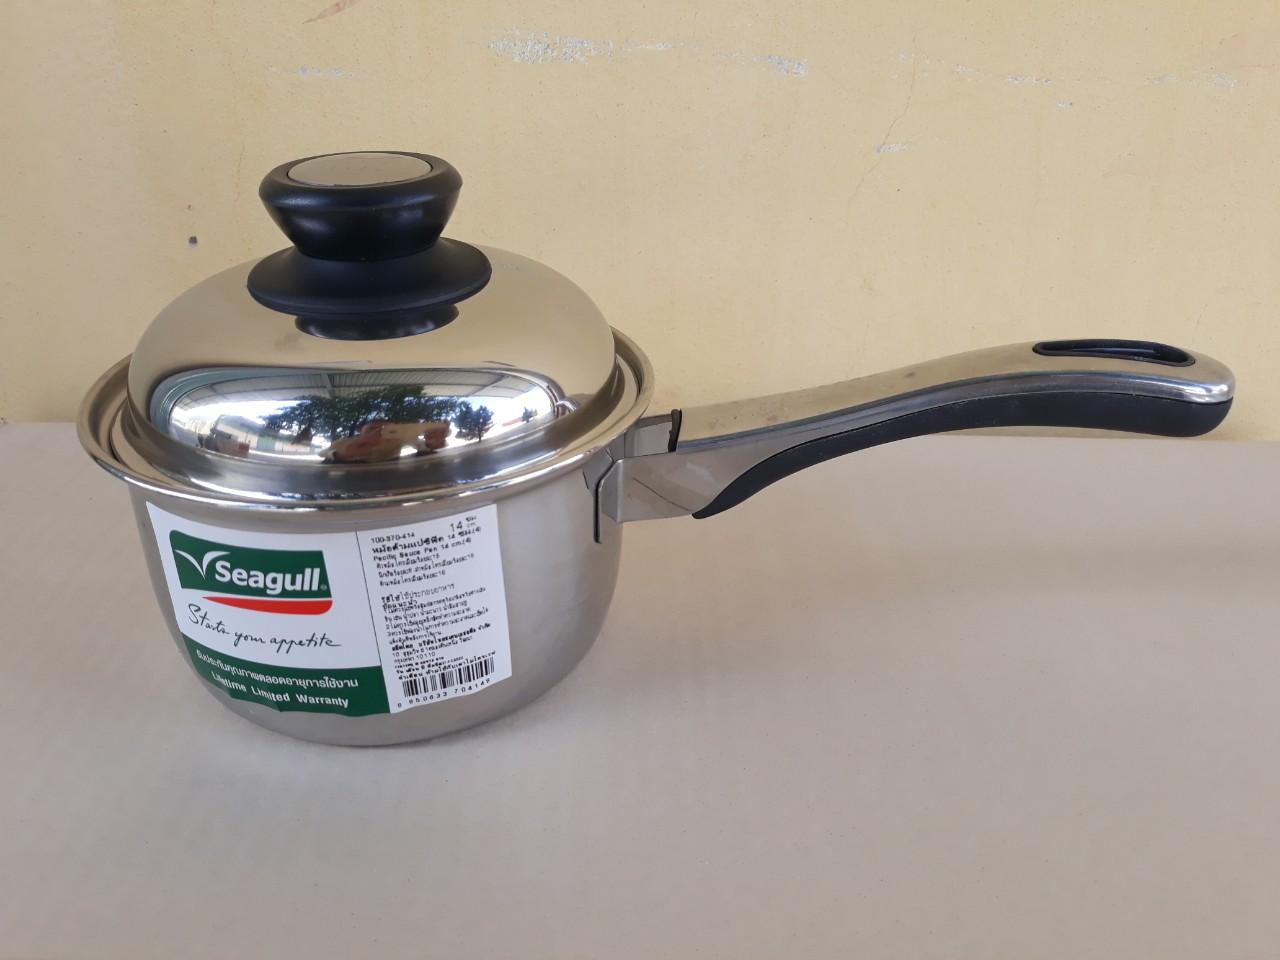 Nồi nấu có tay cầm có nắp seagull 14cm - 1.3 lít (Pacific) 100370414